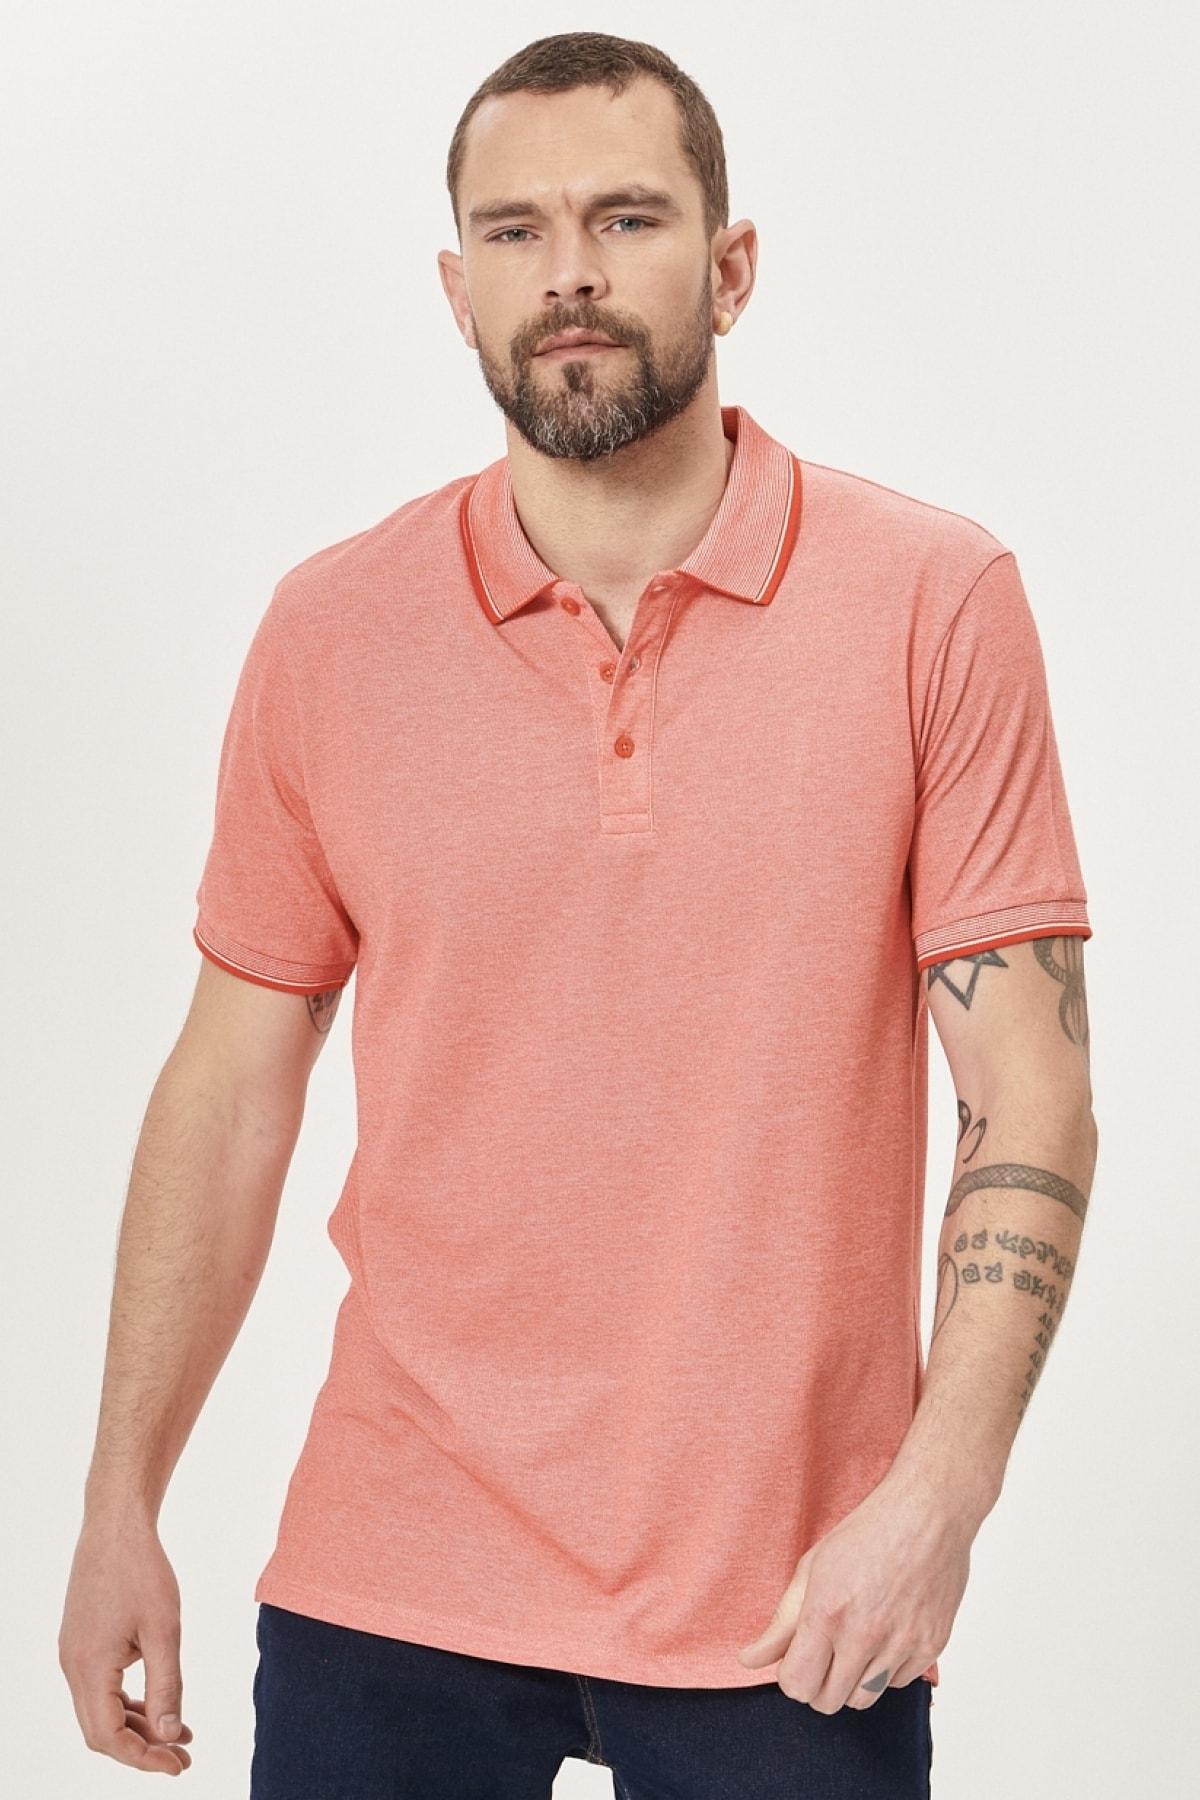 Erkek NARCICEGI-BEYAZ Düğmeli Polo Yaka Cepsiz Slim Fit Dar Kesim Düz Tişört